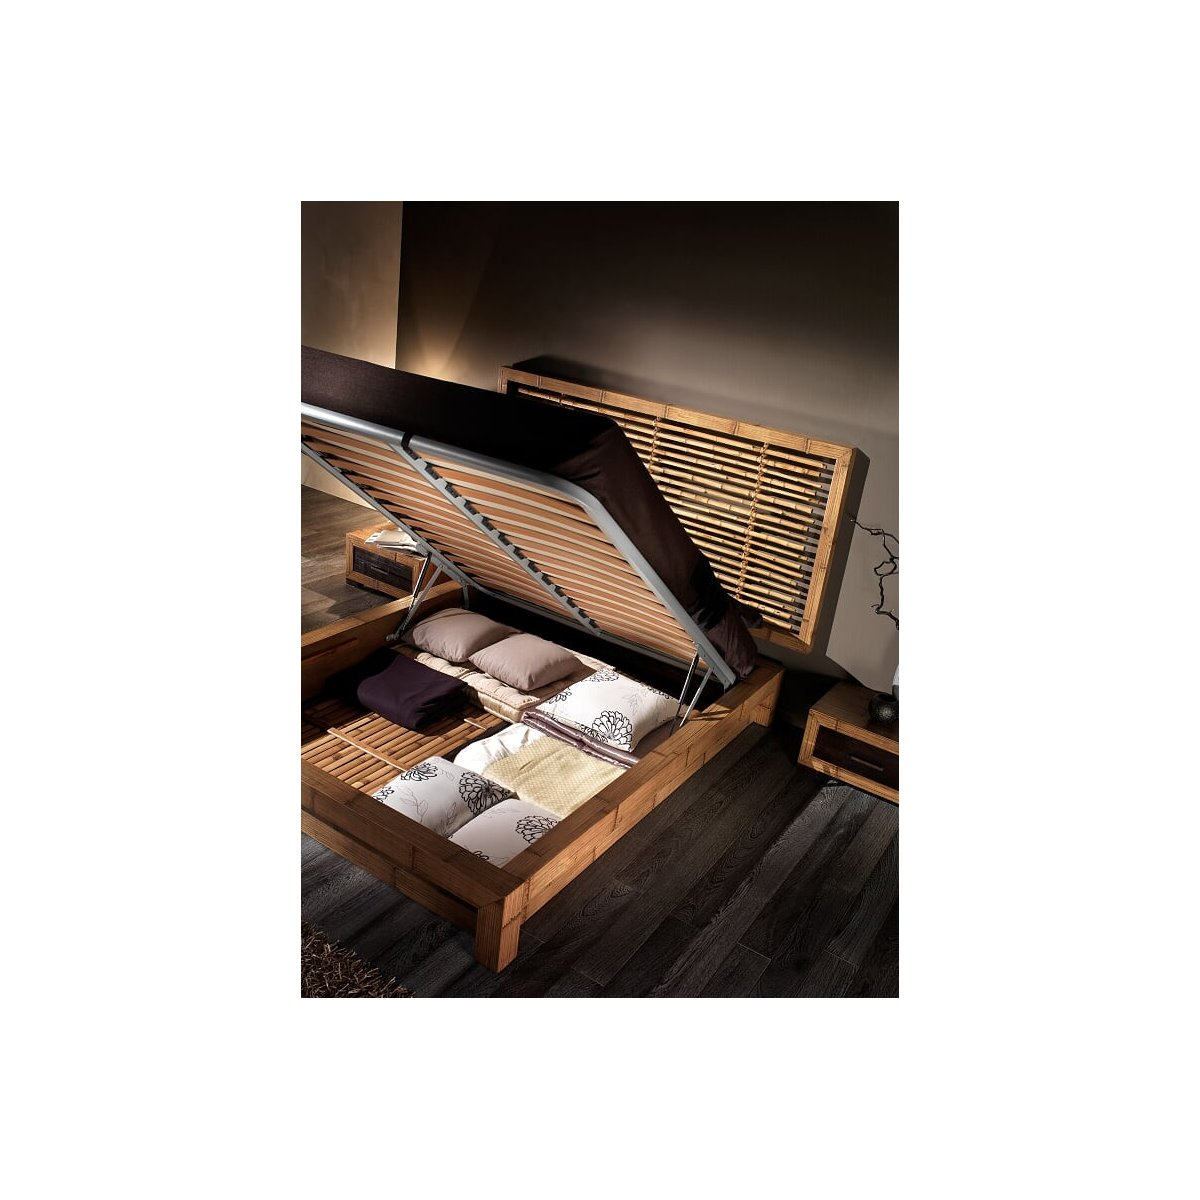 fondo per letto in bambù su giroletto Essential contenitore con testiera Bandung bassa